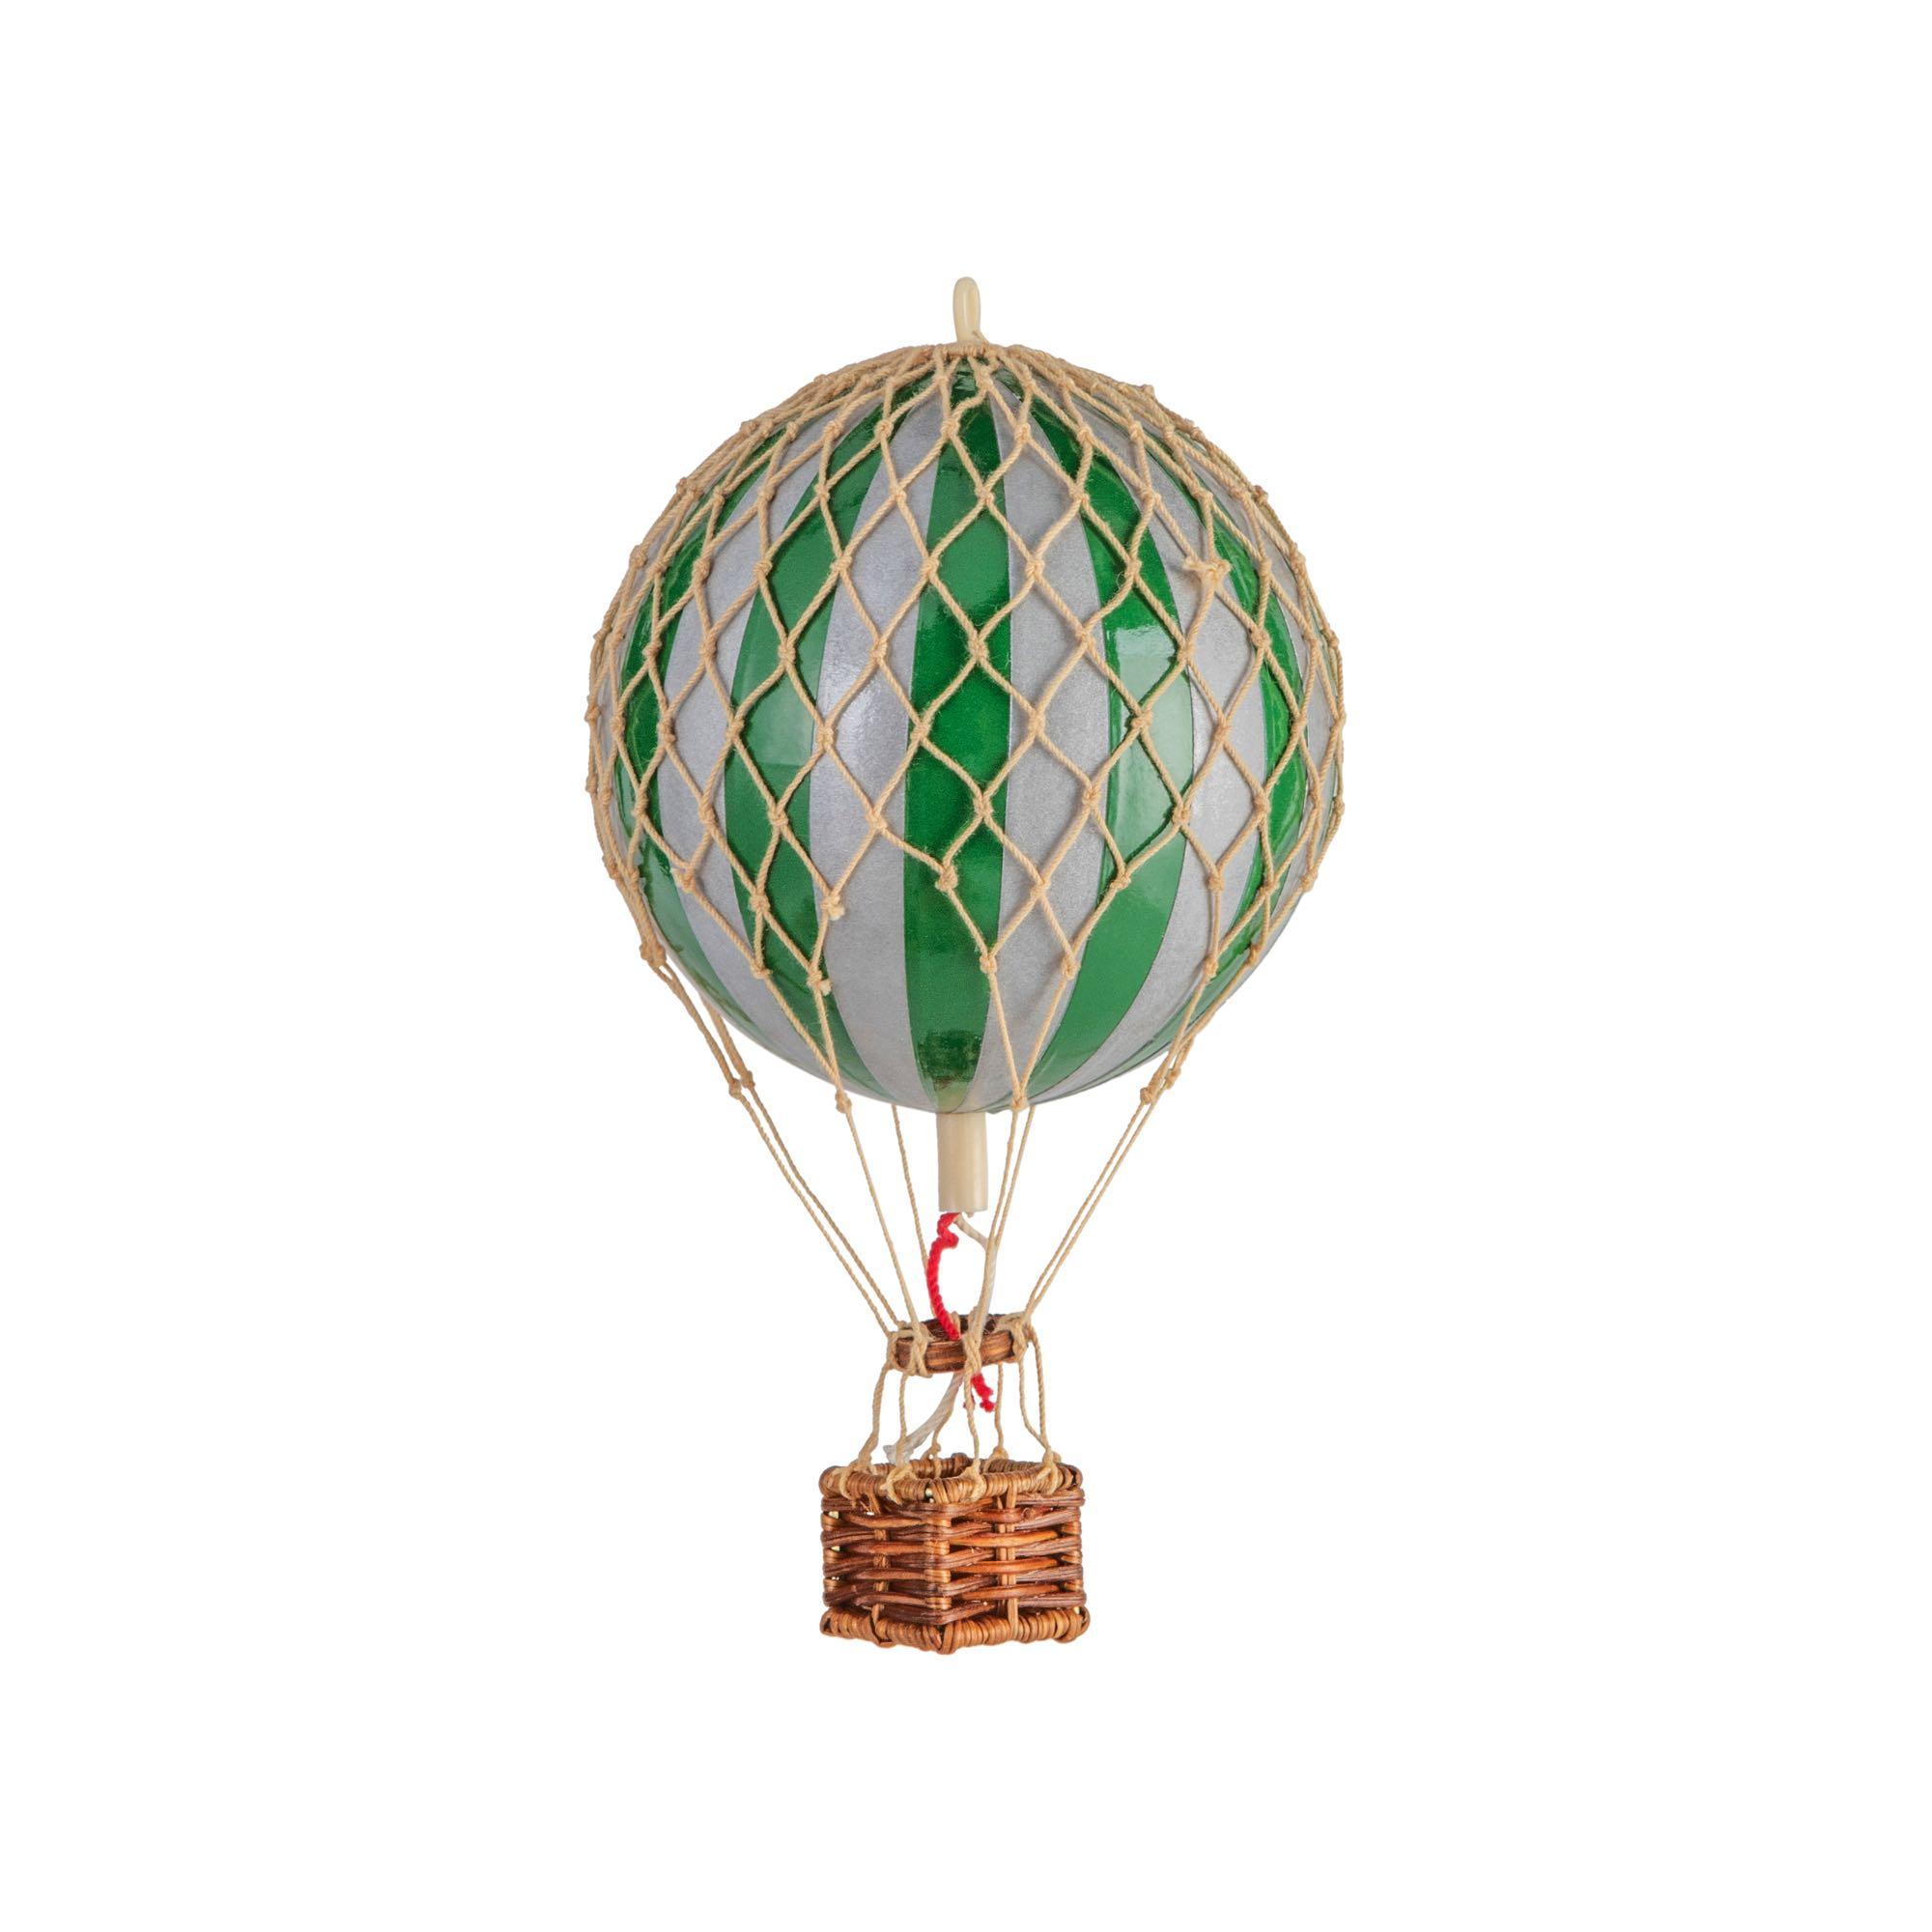 כדור פורח – ירוק וכסף